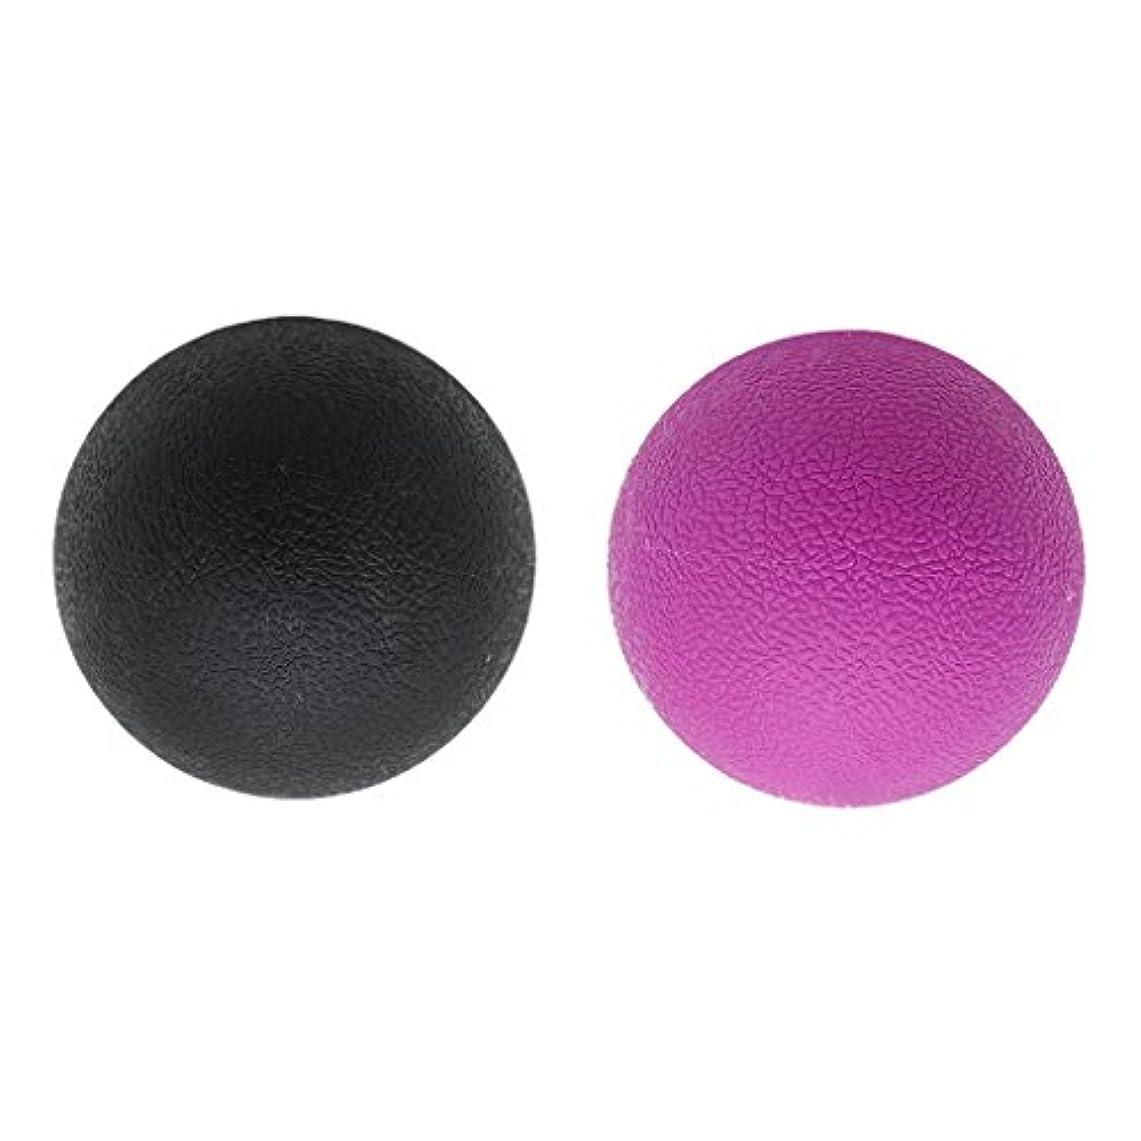 Baoblaze 2個 マッサージボール ラクロスボール トリガ ポイントマッサージ 弾性TPE 多色選べる - ブラックパープル